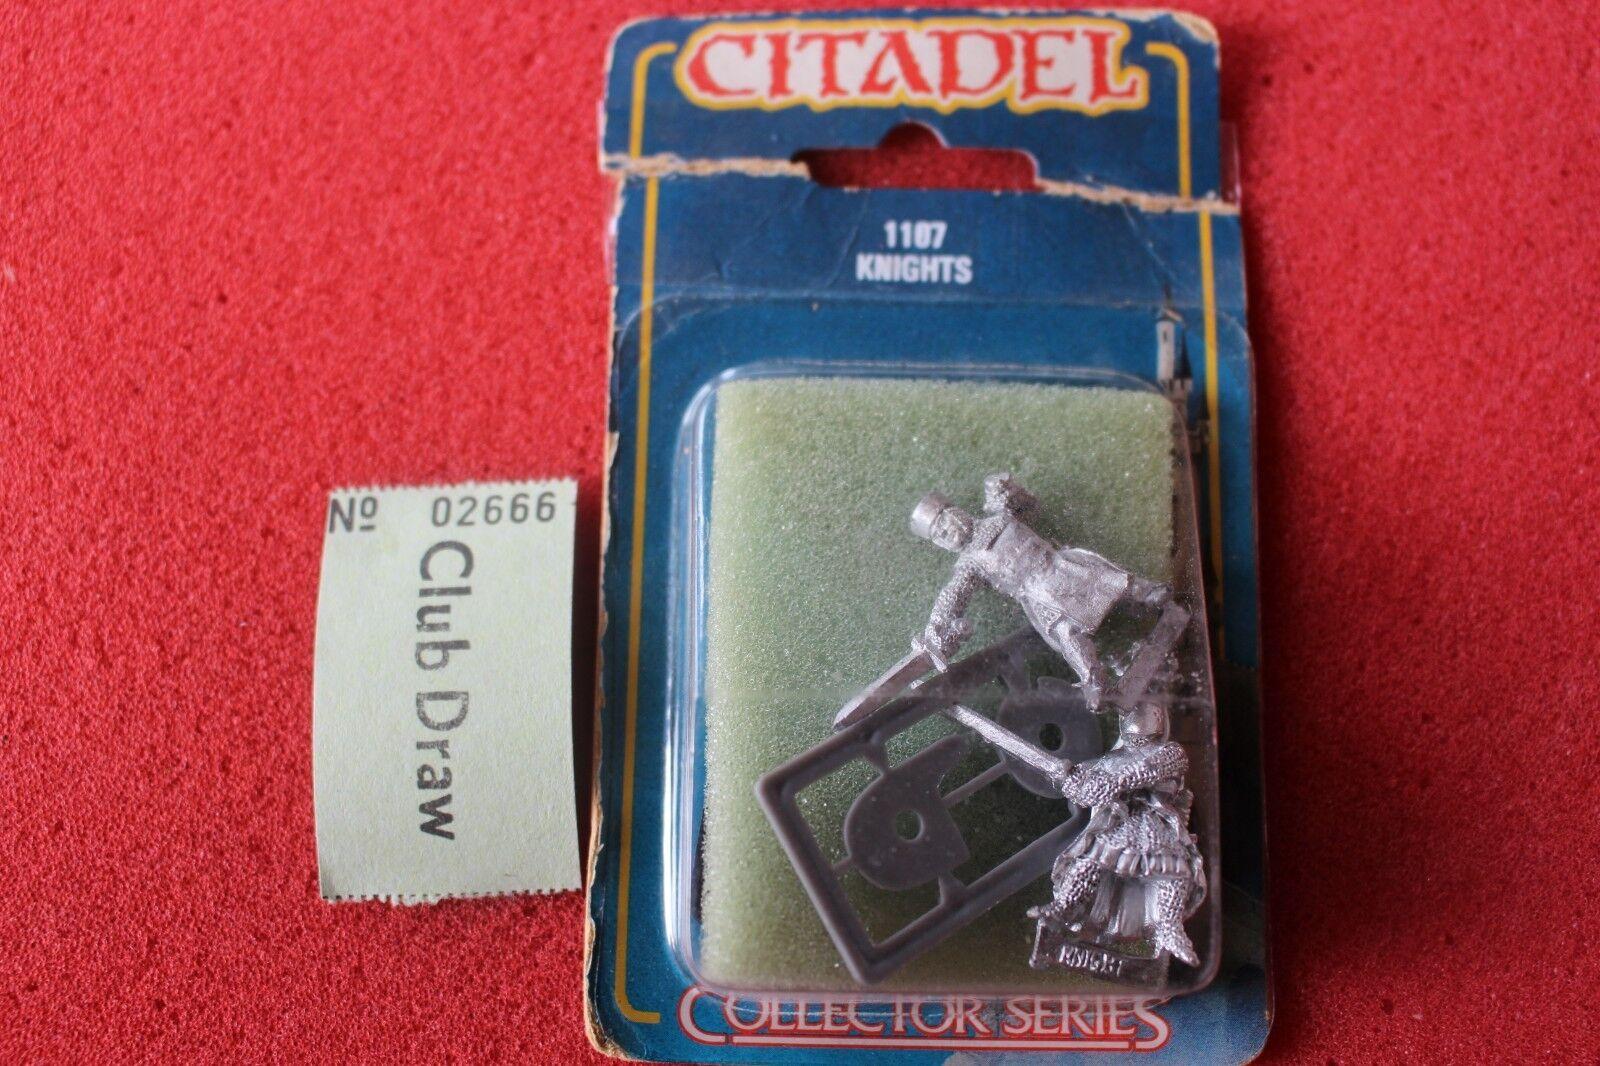 Citadel Collectors Series Knights Games Workshop Metal Figures New Bretonnians